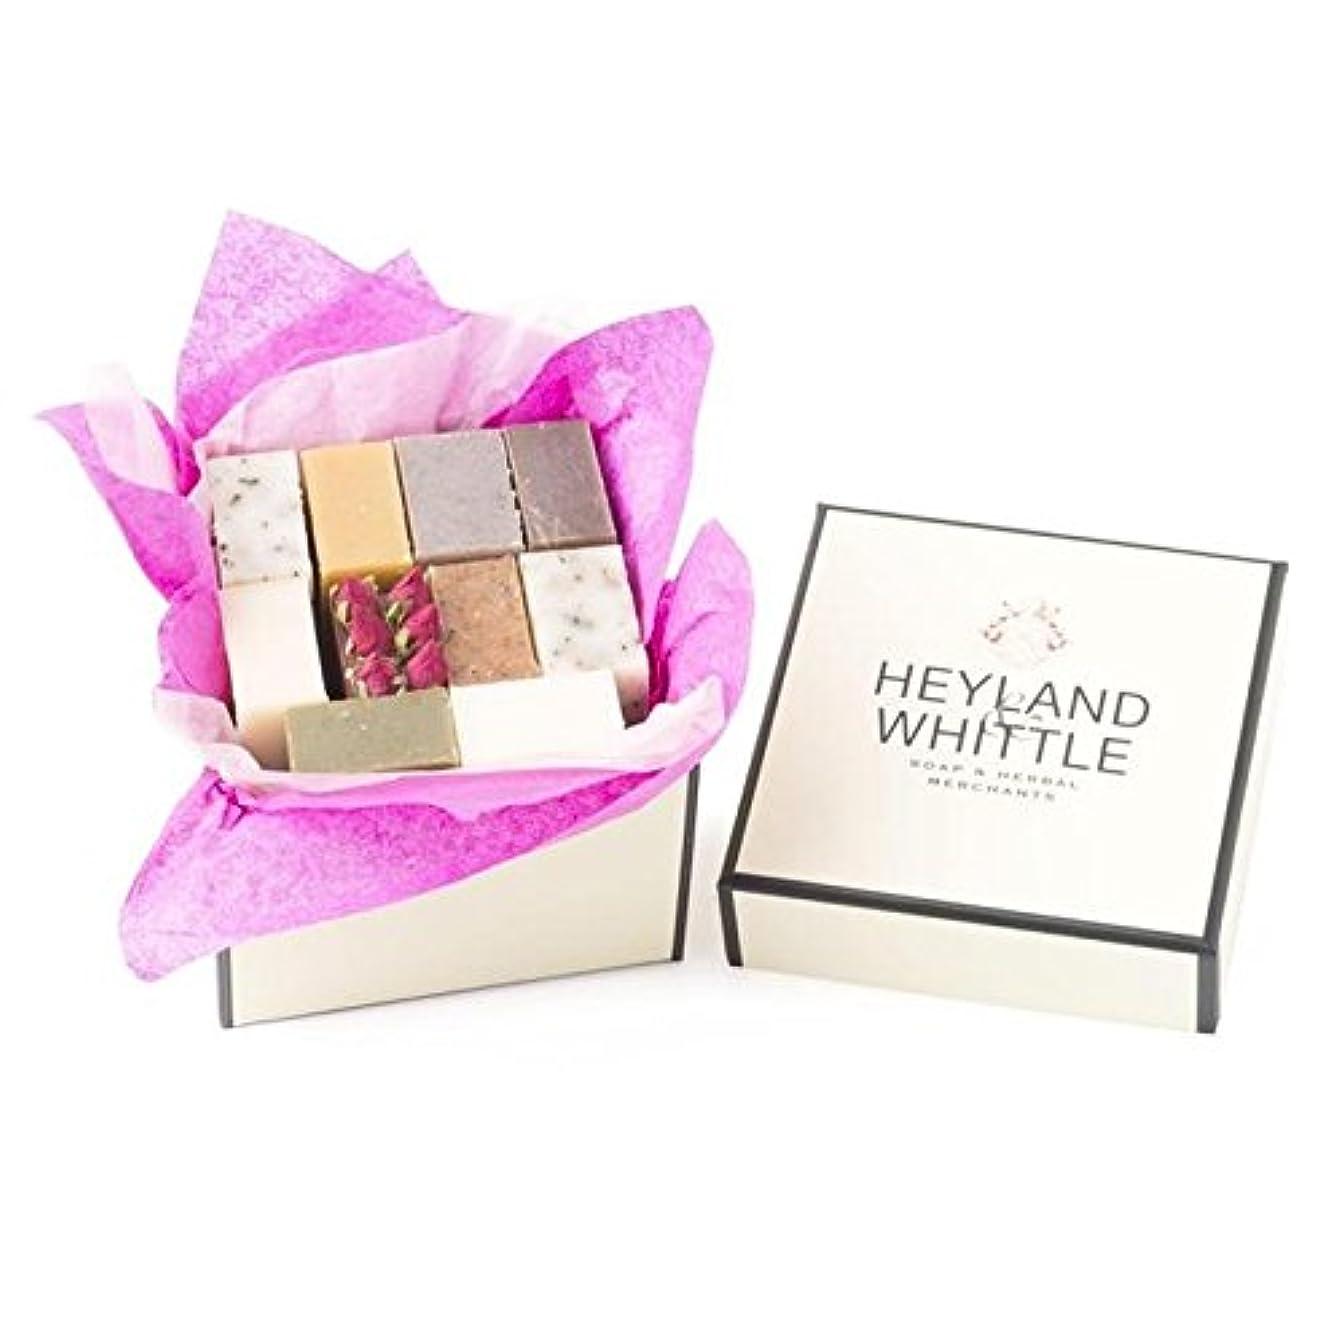 分析的滴下デンマークHeyland & Whittle Soap Gift Box, Small (Pack of 6) - 小さな&削るソープギフトボックス、 x6 [並行輸入品]